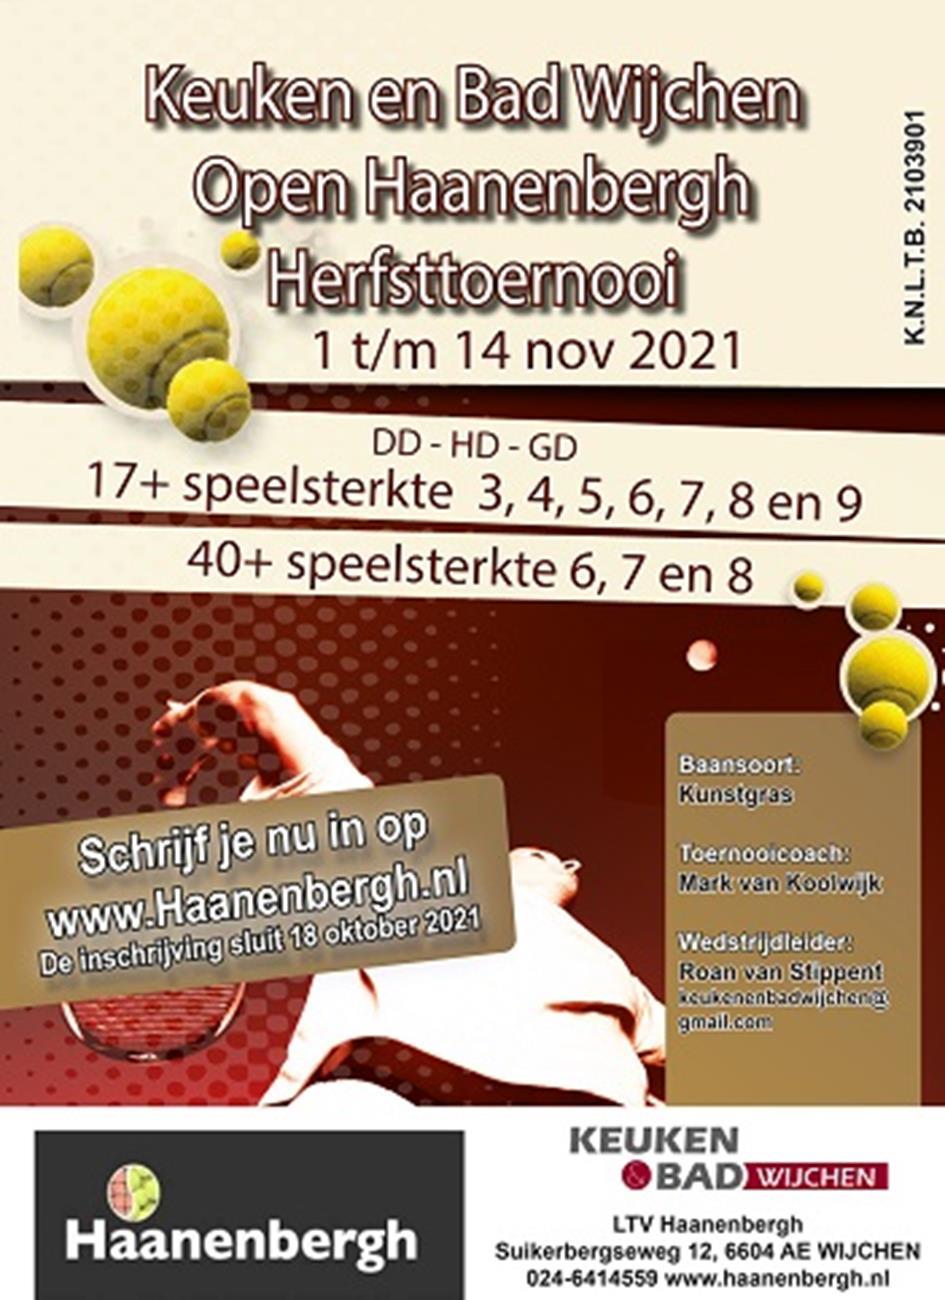 Keukenenbadwijchen Open Haanenbergh 2021.jpg